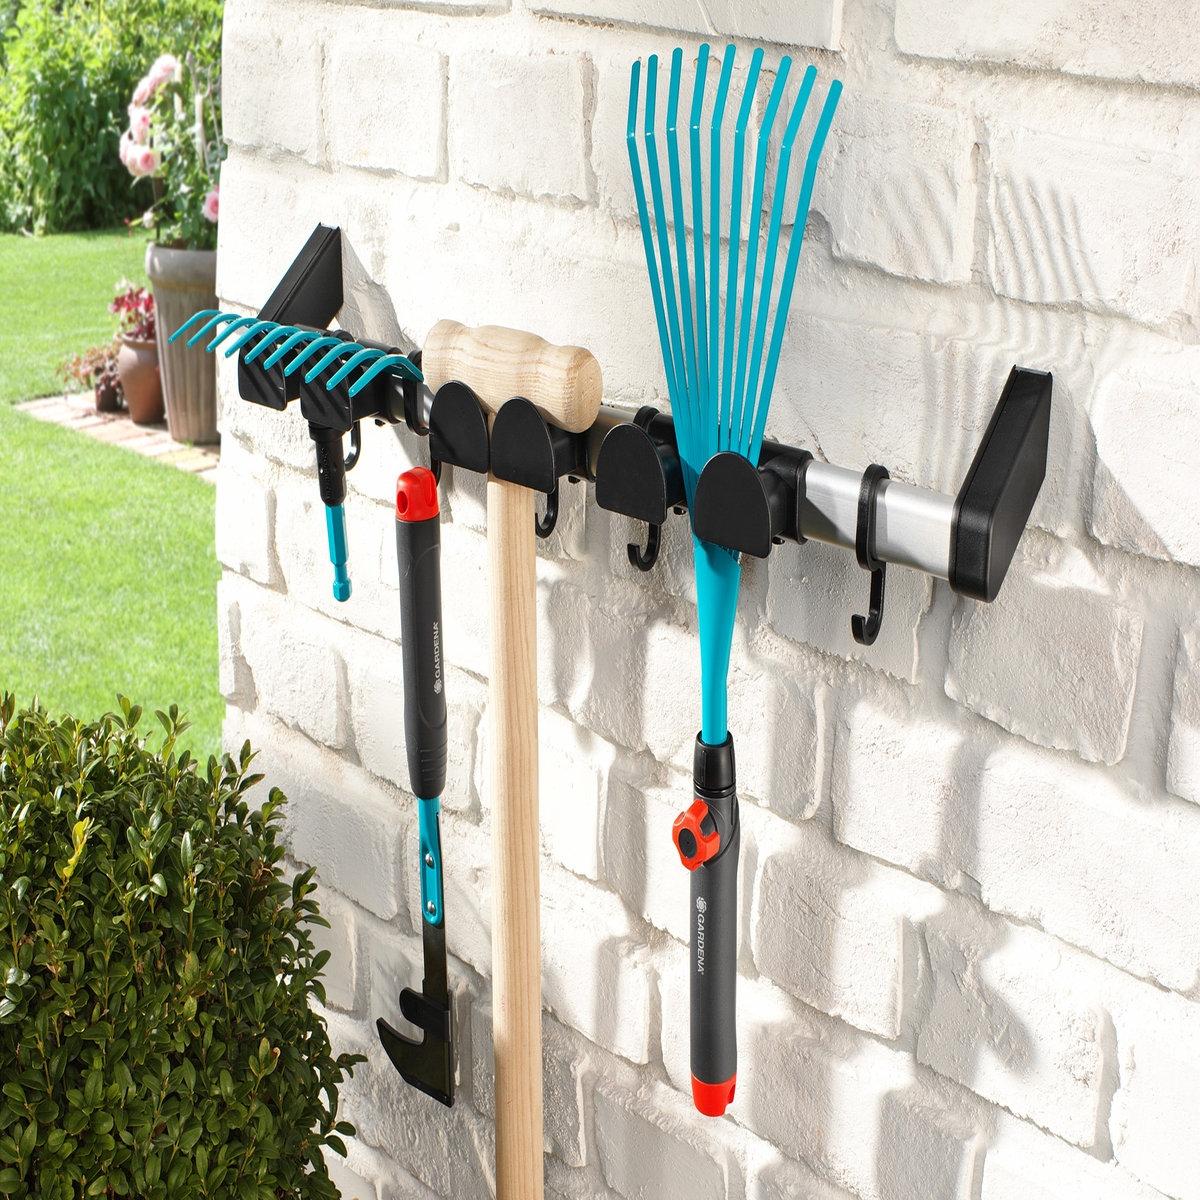 Держатель для садовых инструментов UertaХарактеристики держателя для садовых инструментов Uerta:Планка с крючками (6 шт.) из алюминия для крепления к стене.Регулируемые бортики из пластика.Для 3 инструментов с ручкой. Найдите все товары для сада на сайте laredoute.ru.Размеры держателя для садовых инструментов Uerta:Д57 x В11 x Ш10 см 0,270 кг.<br><br>Цвет: черный